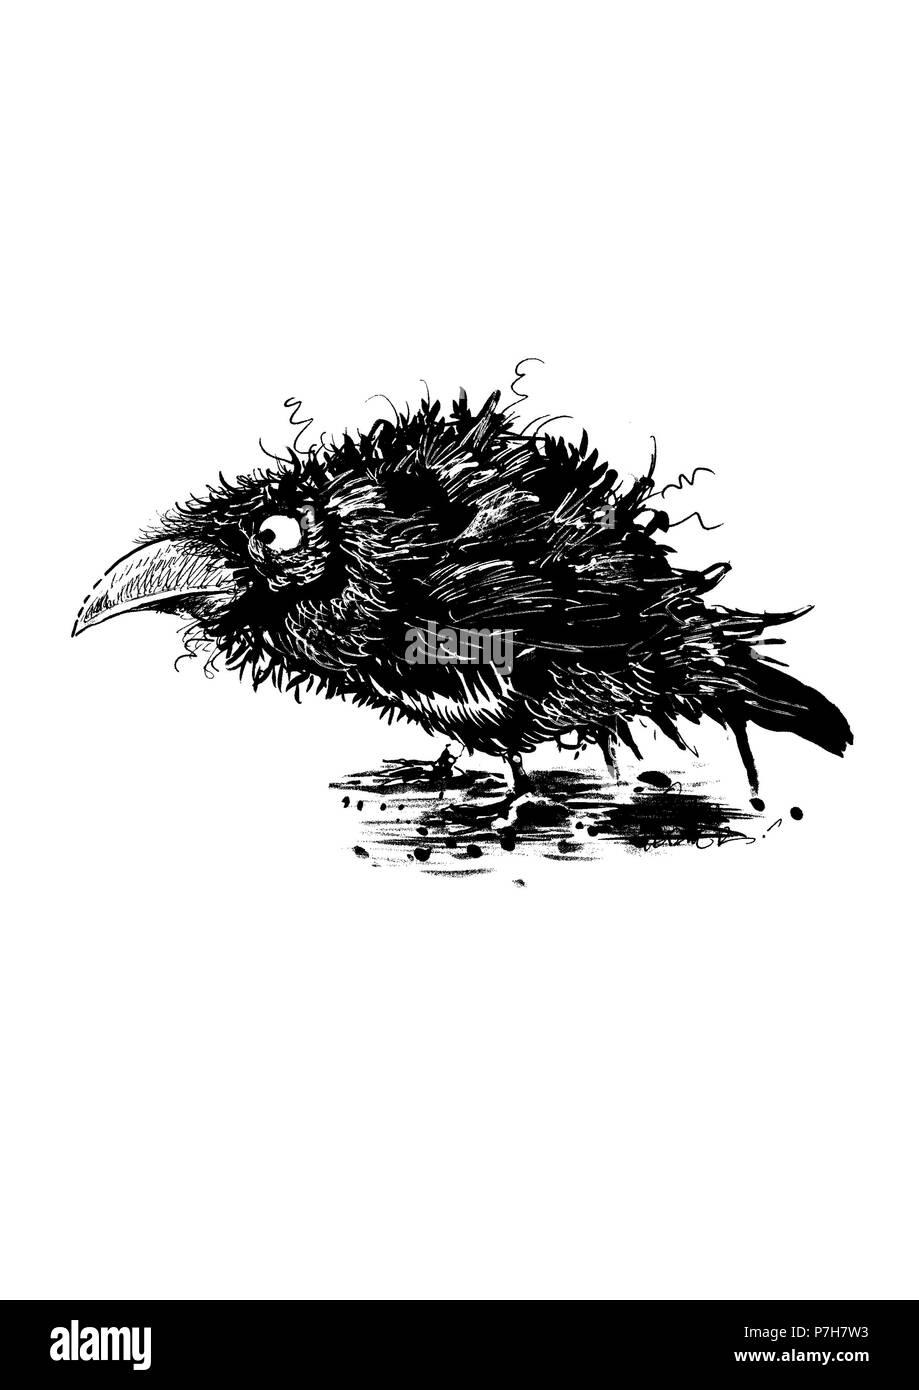 Grafik schwarze und weiße Krähe auf weißem Hintergrund. Stockbild